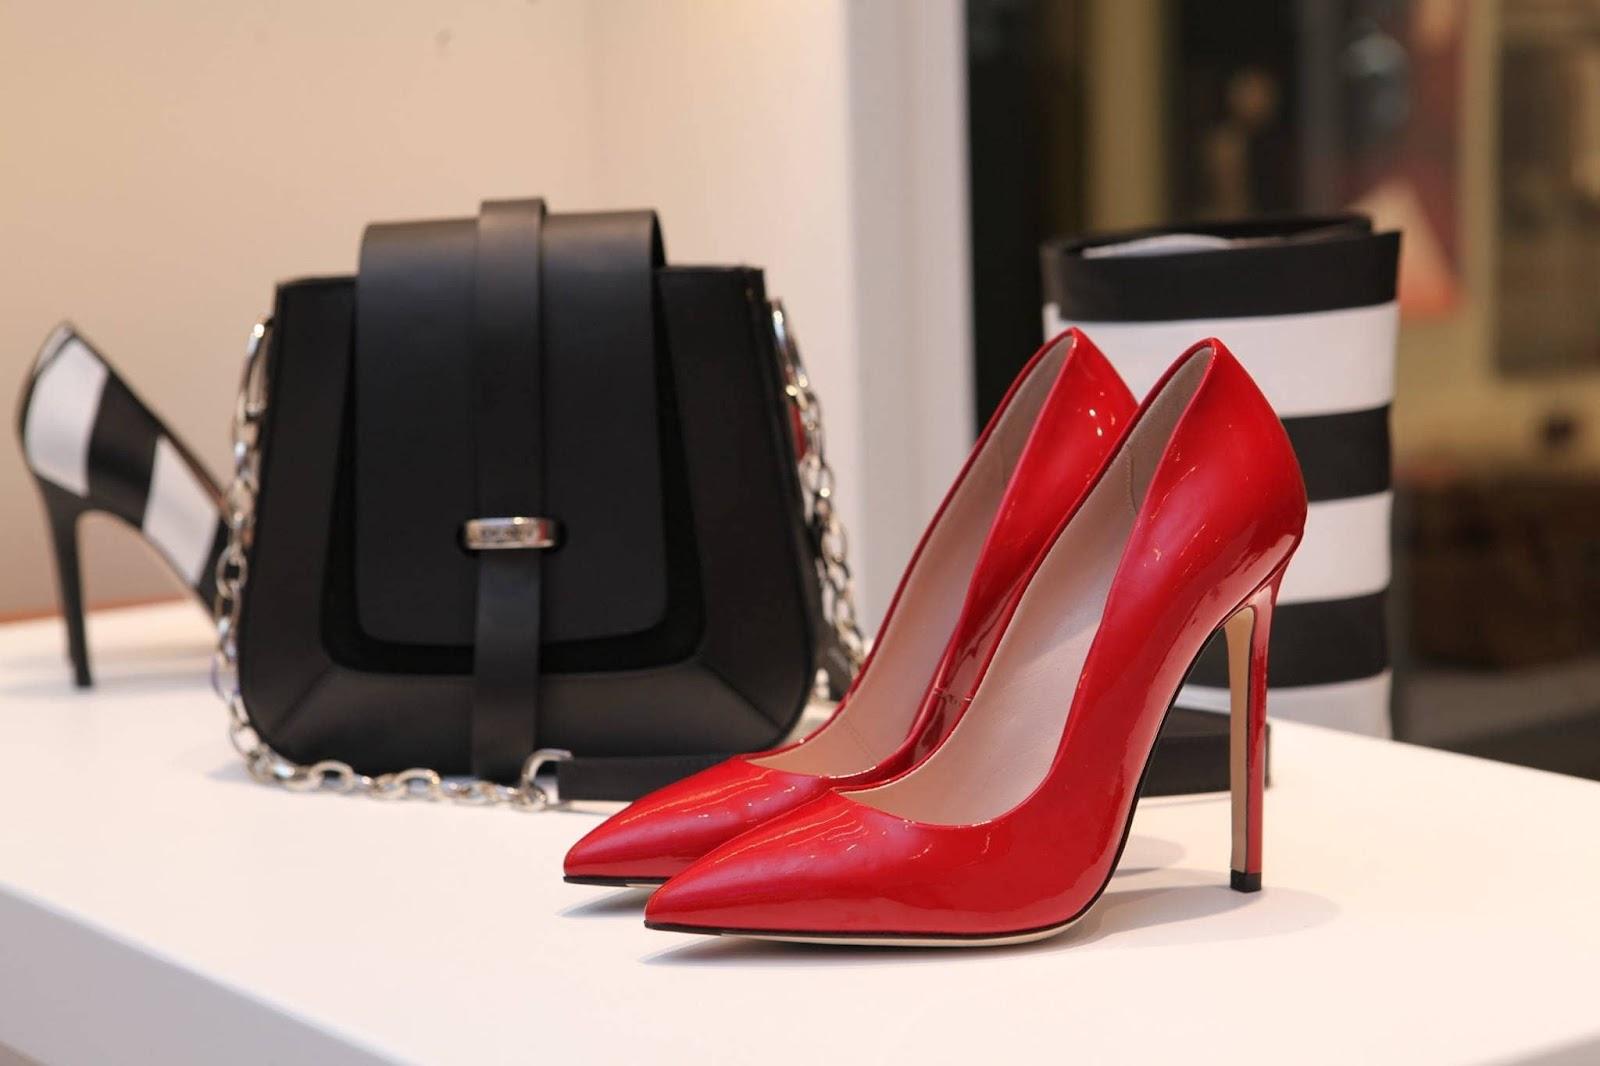 borsa-nera-scarpe-rosse-buoni-sconto-ferraris-boutique